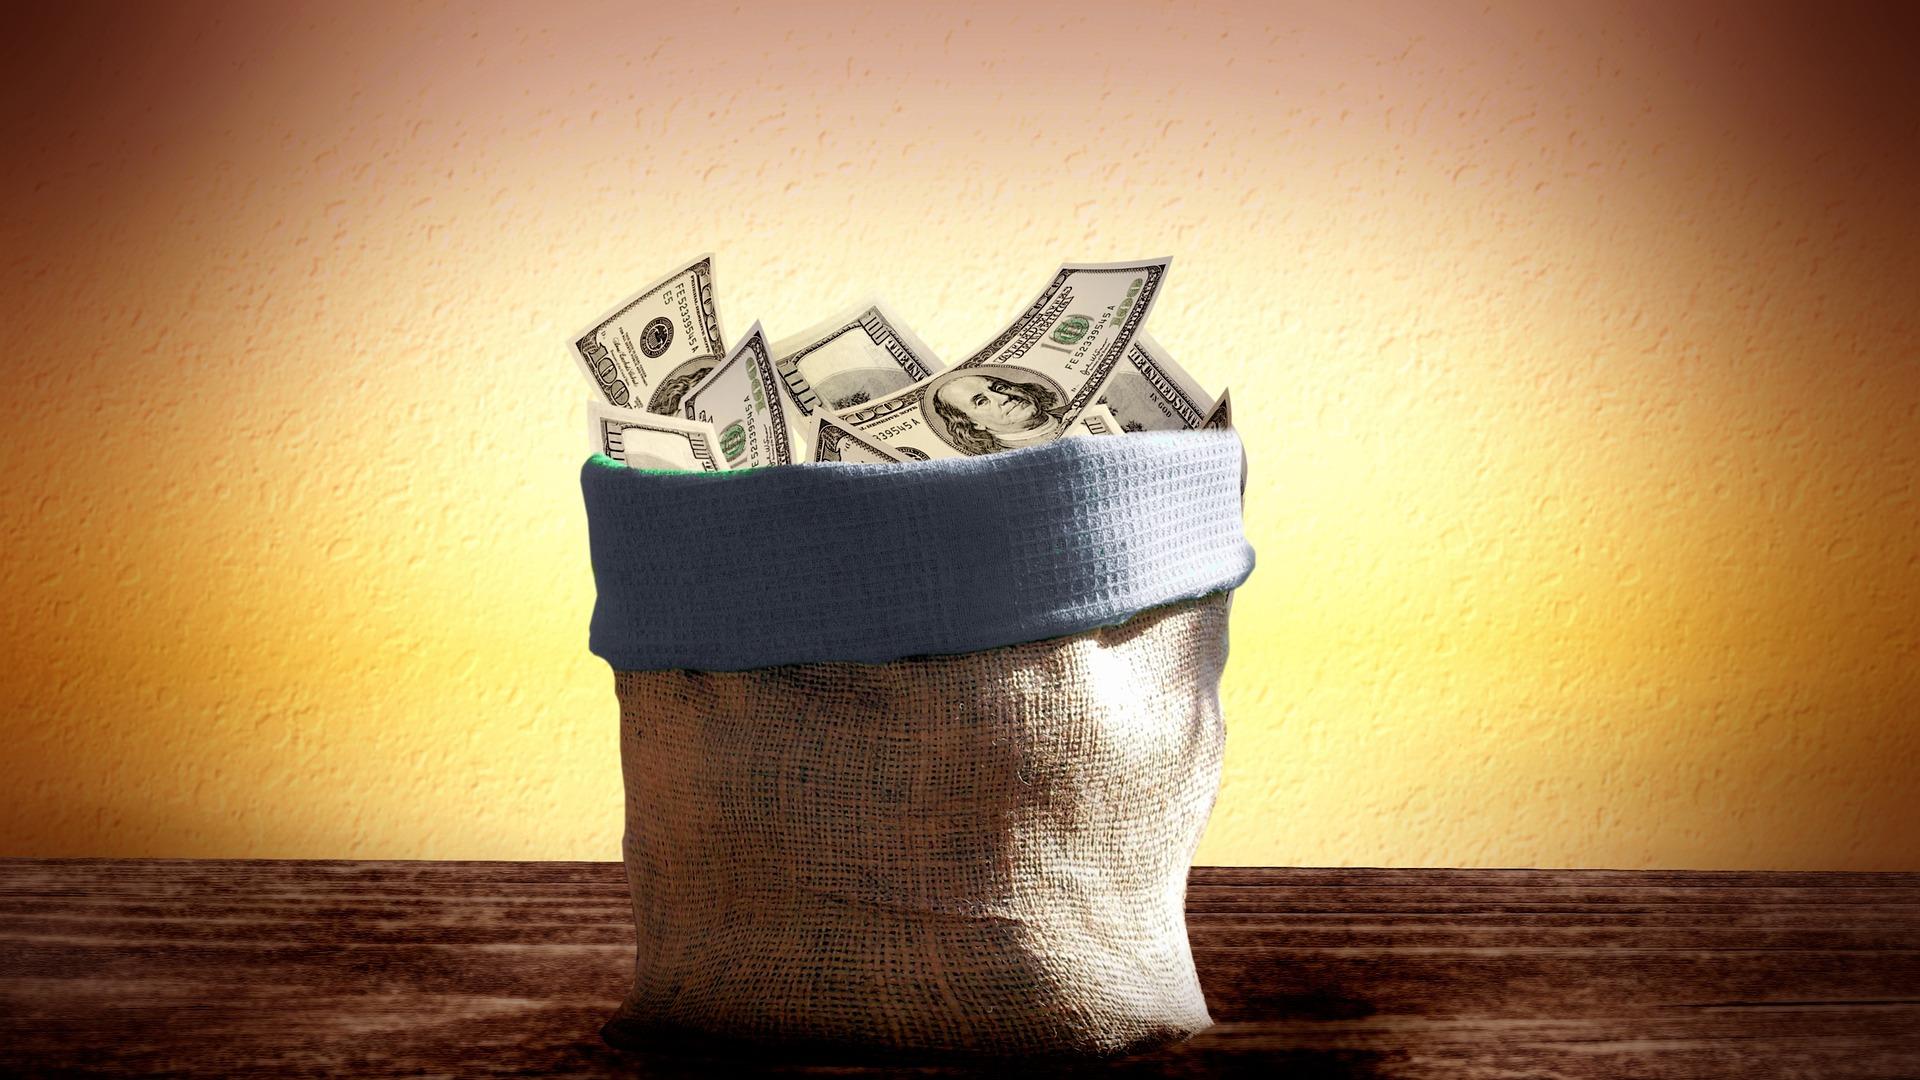 Szabad felhasználású hitel